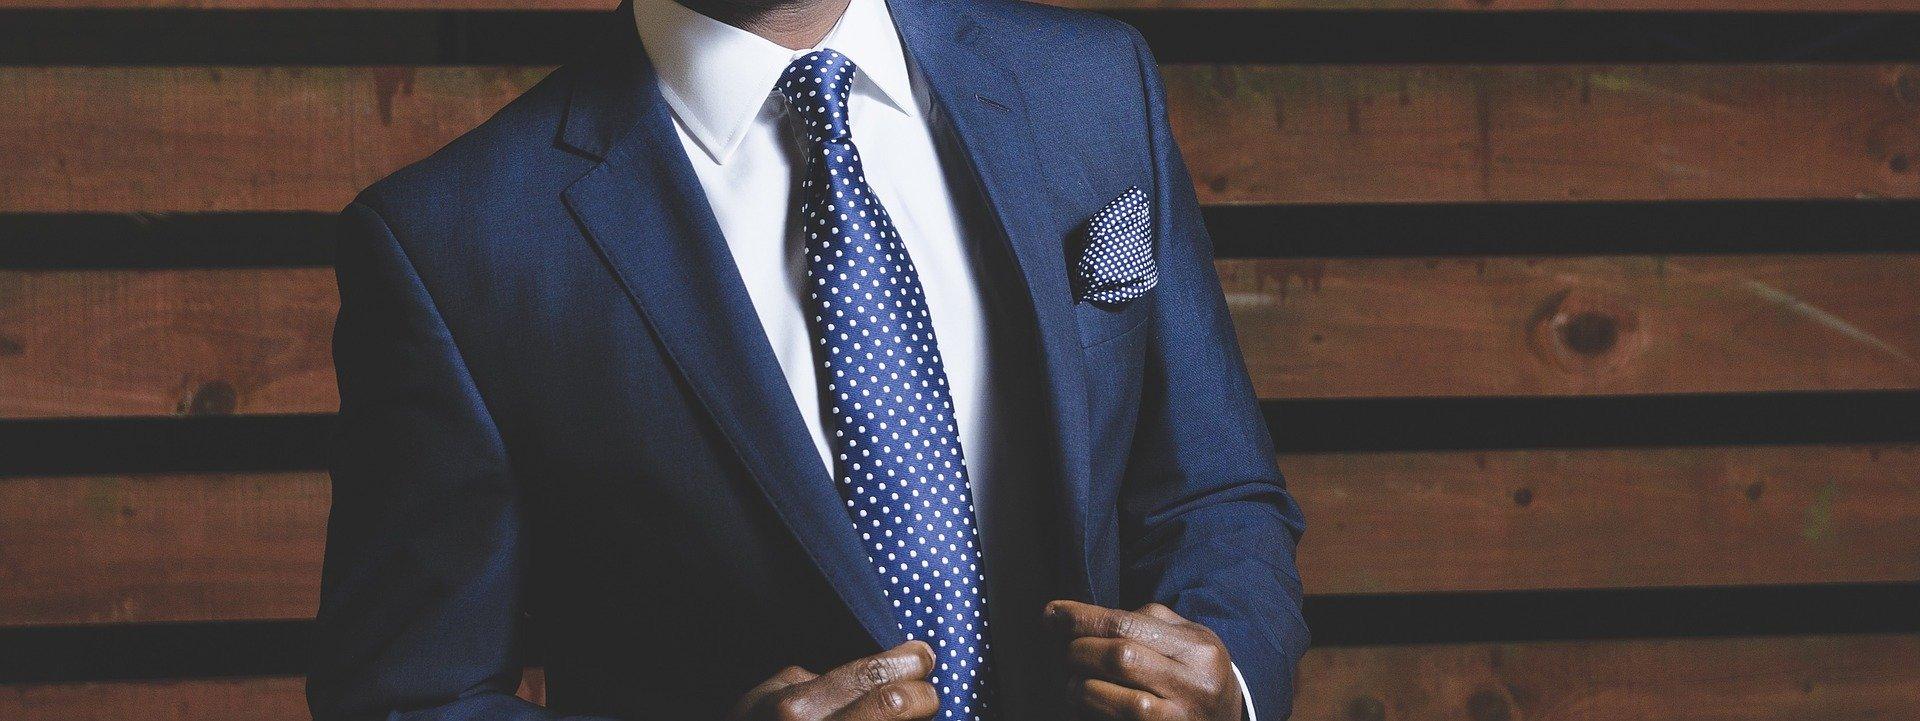 Moda Uomo Primavera Estate 2020: le Tendenze Cool